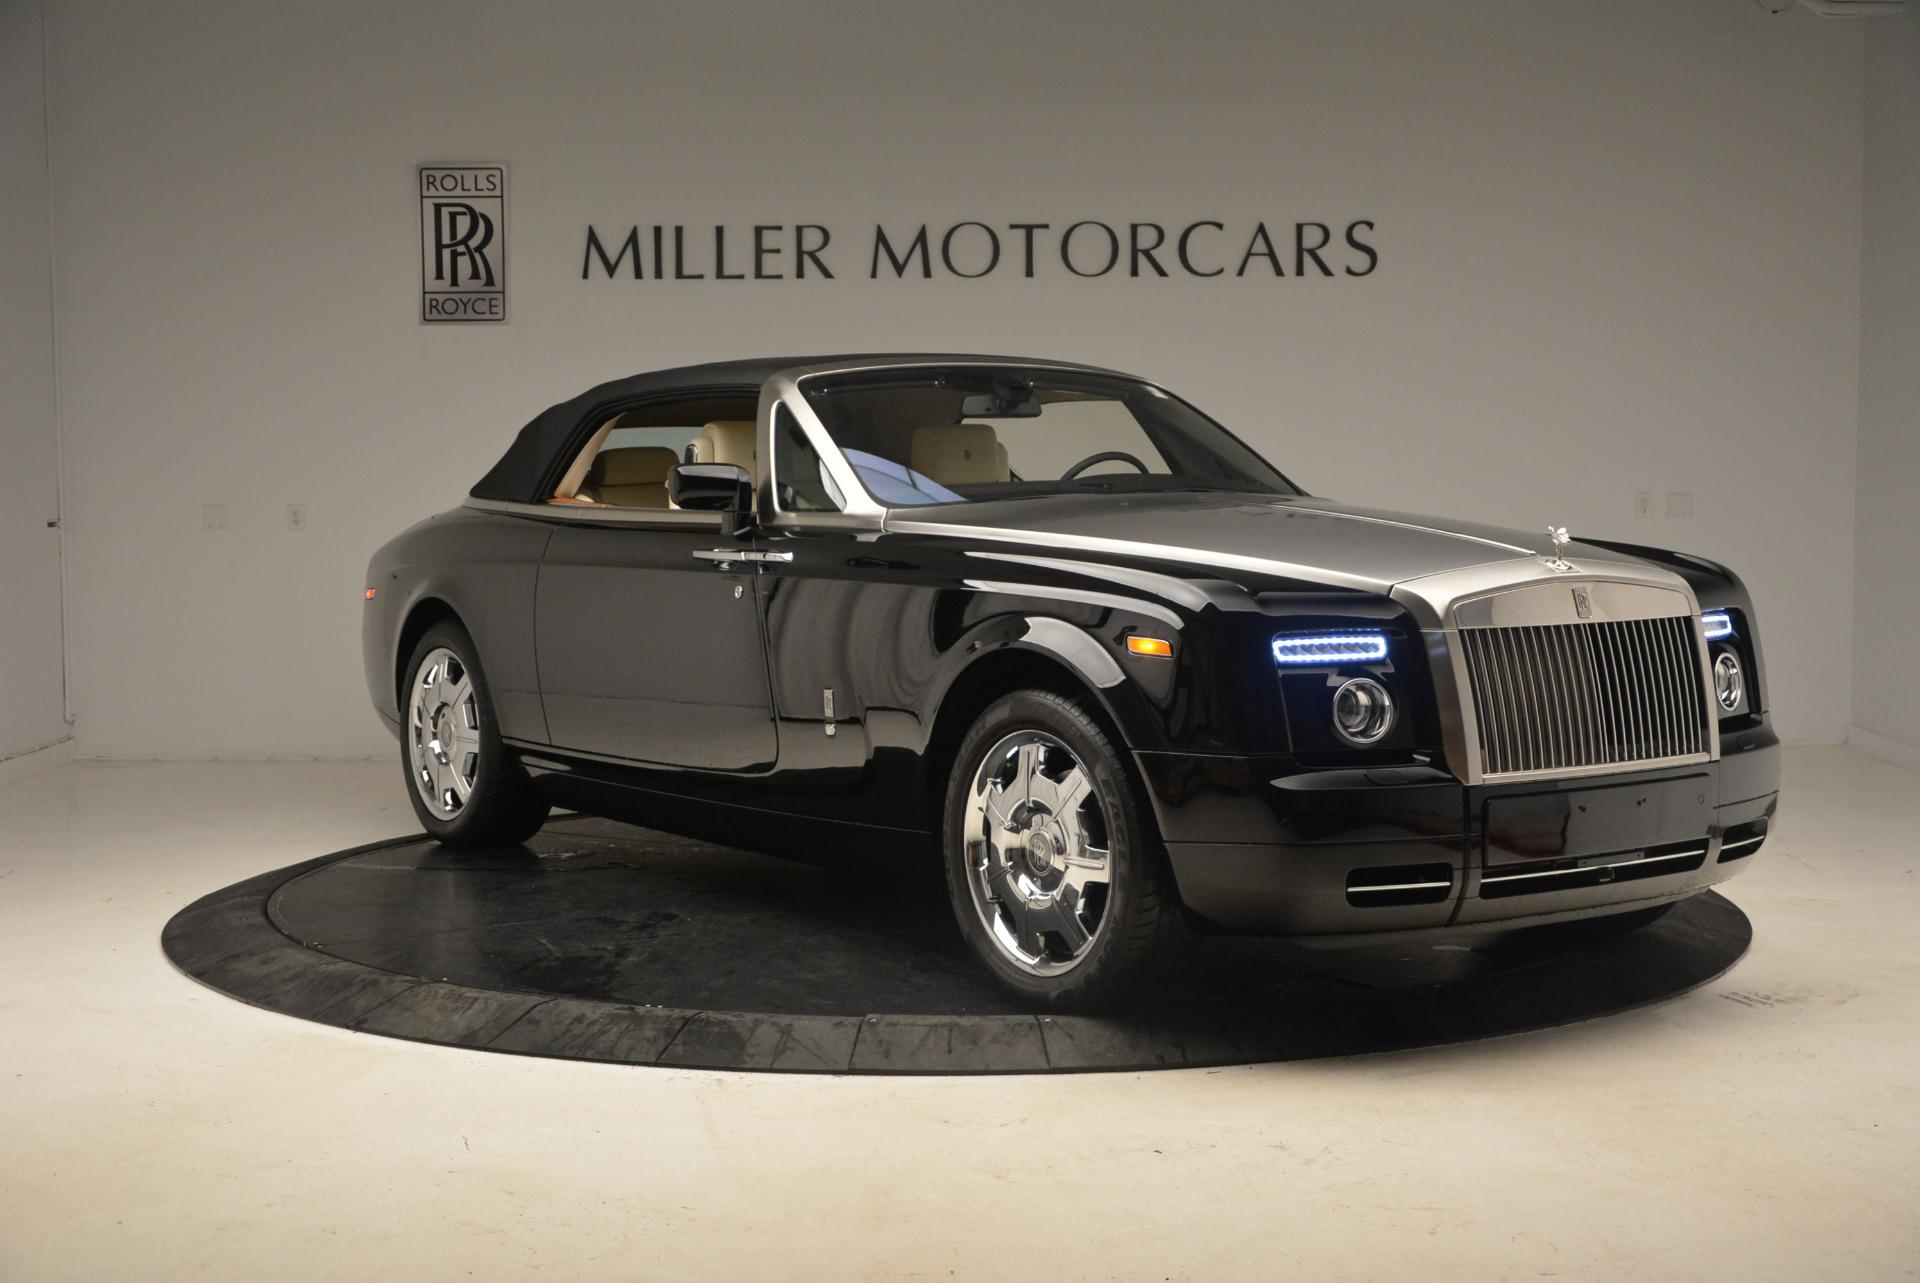 Used 2009 Rolls-Royce Phantom Drophead Coupe  For Sale In Westport, CT 1792_p23